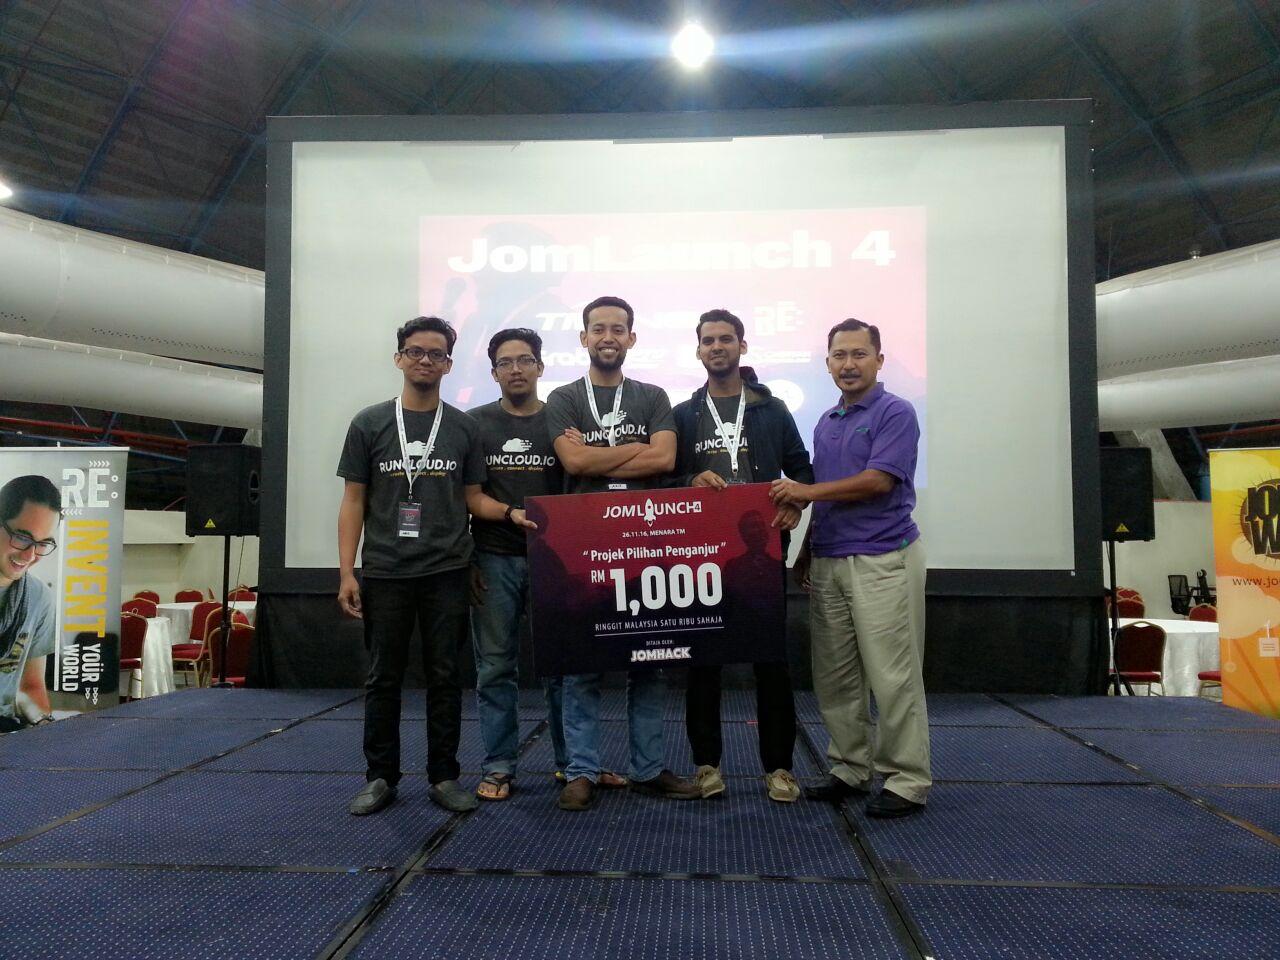 RunCloud memenangi Anugerah Projek Pilihan Penganjur ditaja oleh JOMHACK